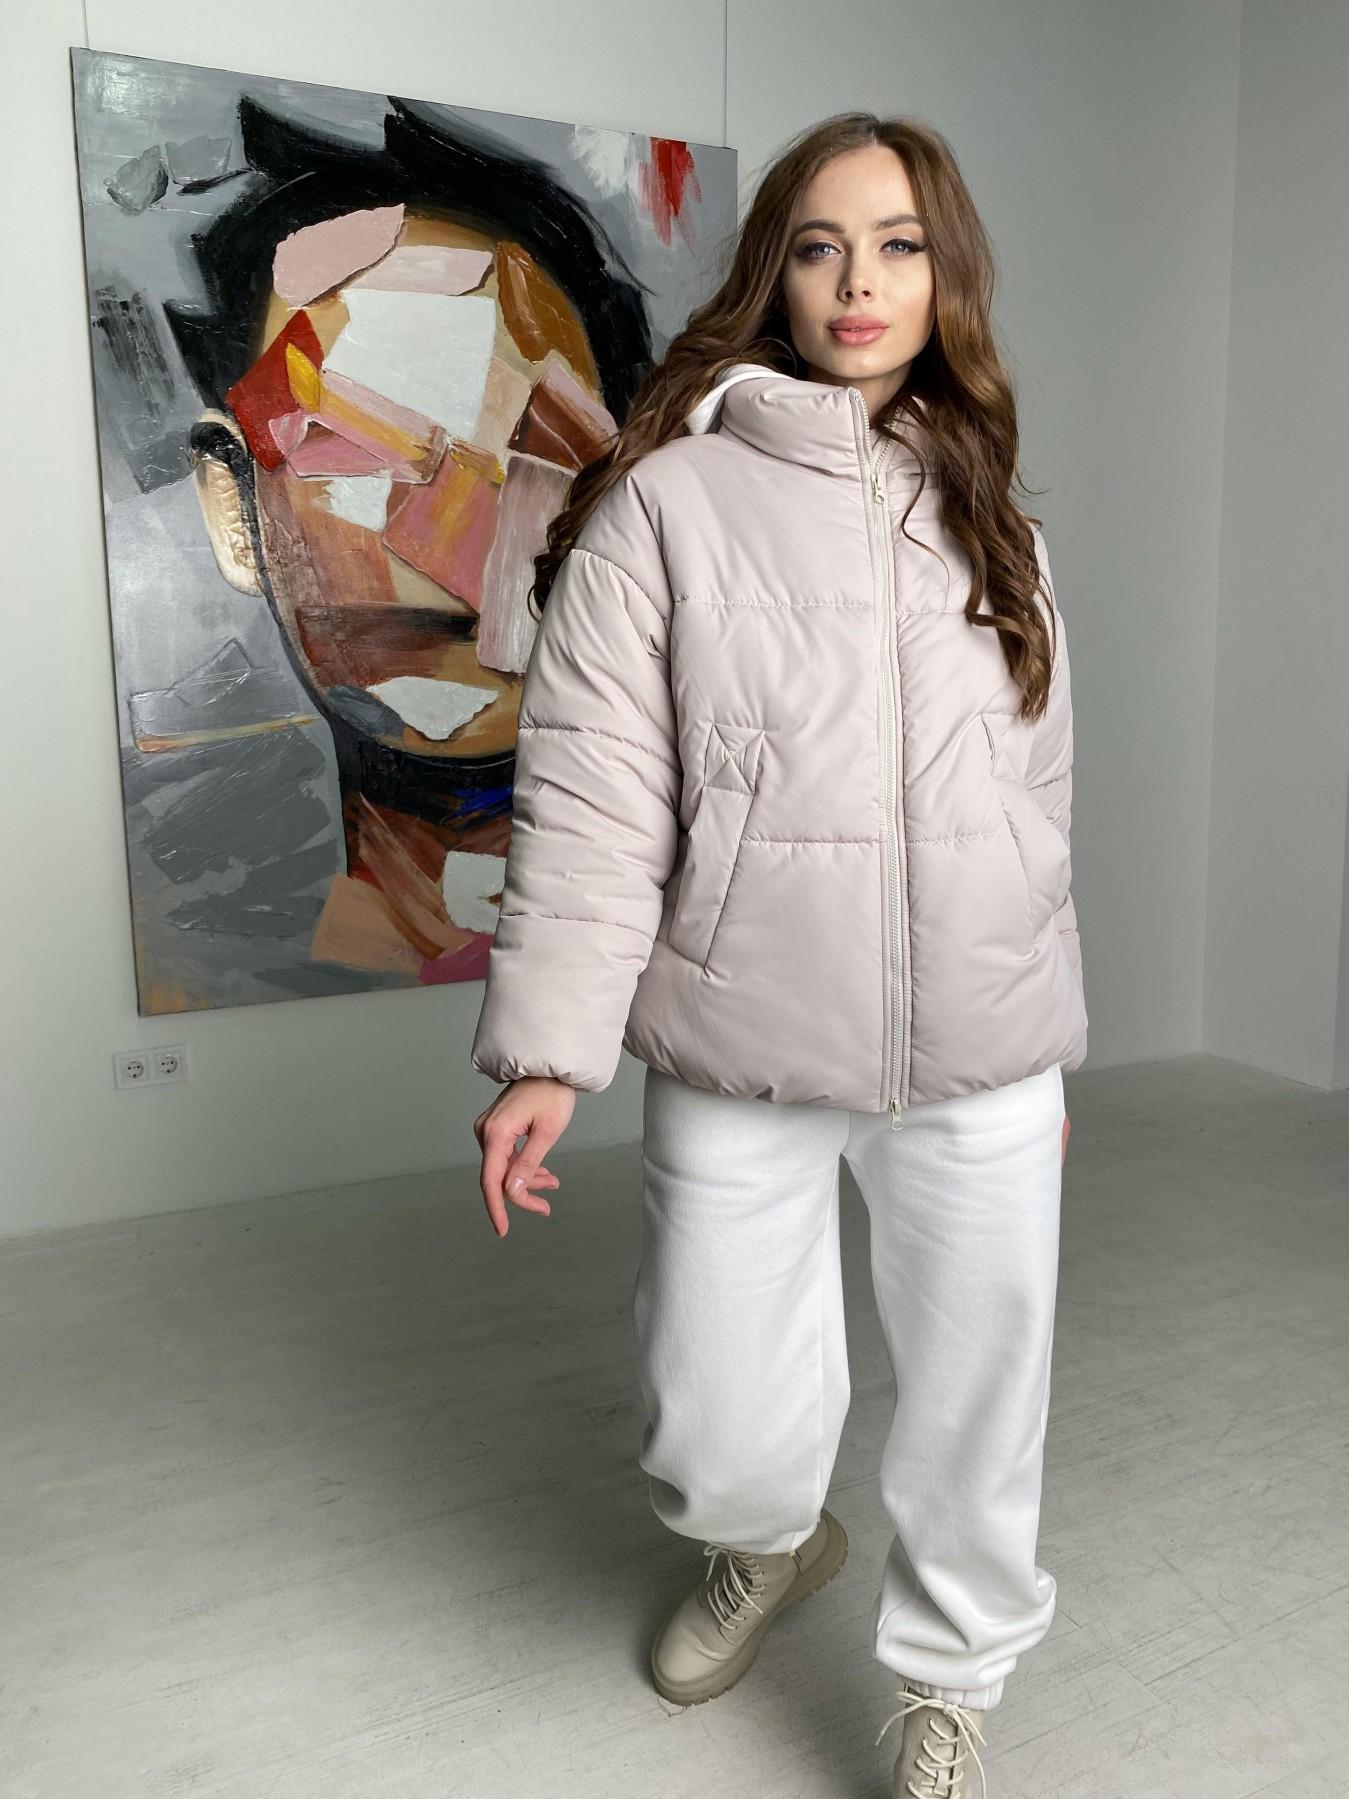 Муд куртка из плащевой ткани 10509 АРТ. 46853 Цвет: Бежевый 511 - фото 4, интернет магазин tm-modus.ru